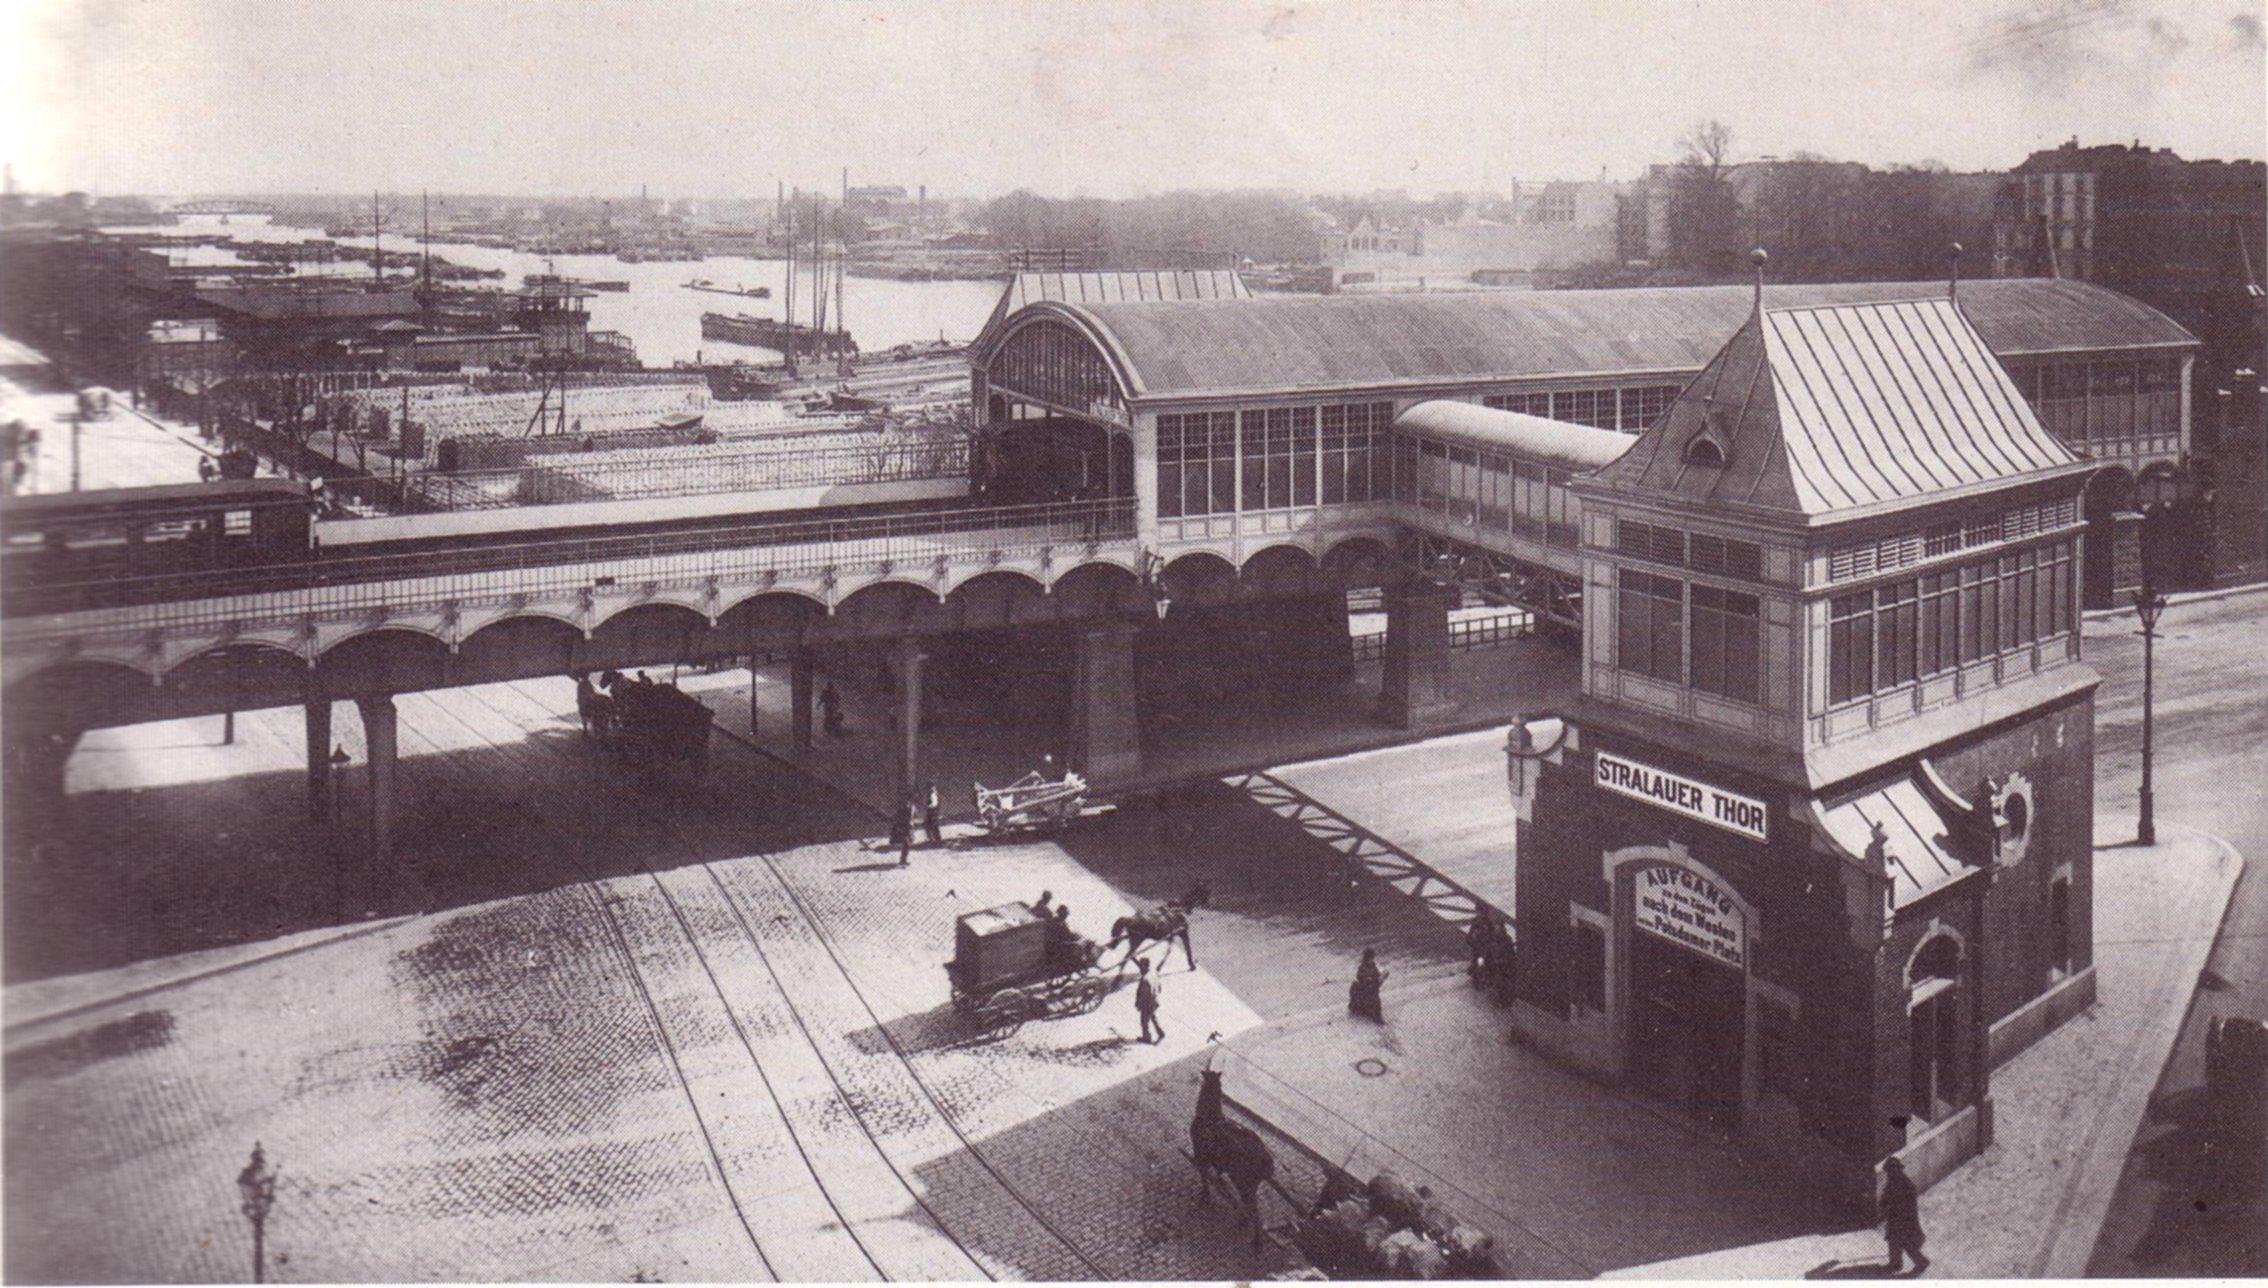 U Bahn Berlin Stralauer Tor Osthafen 1902